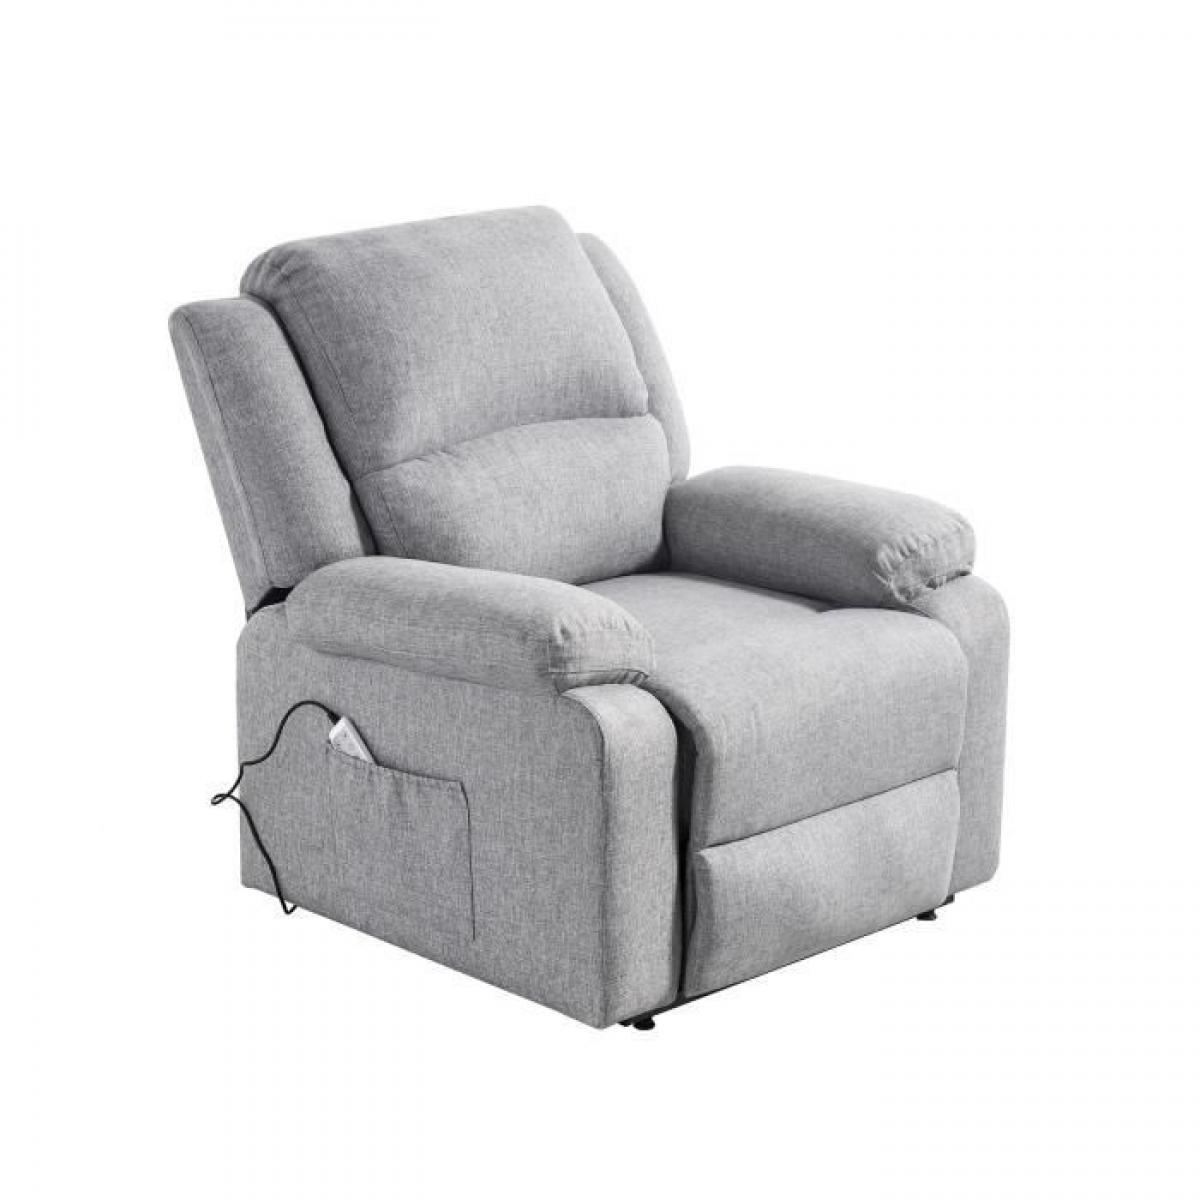 Cstore Fauteuil releveur de relaxation RELAX - Tissu gris chiné - Massant chauffant - Moteur électrique et lift releveur